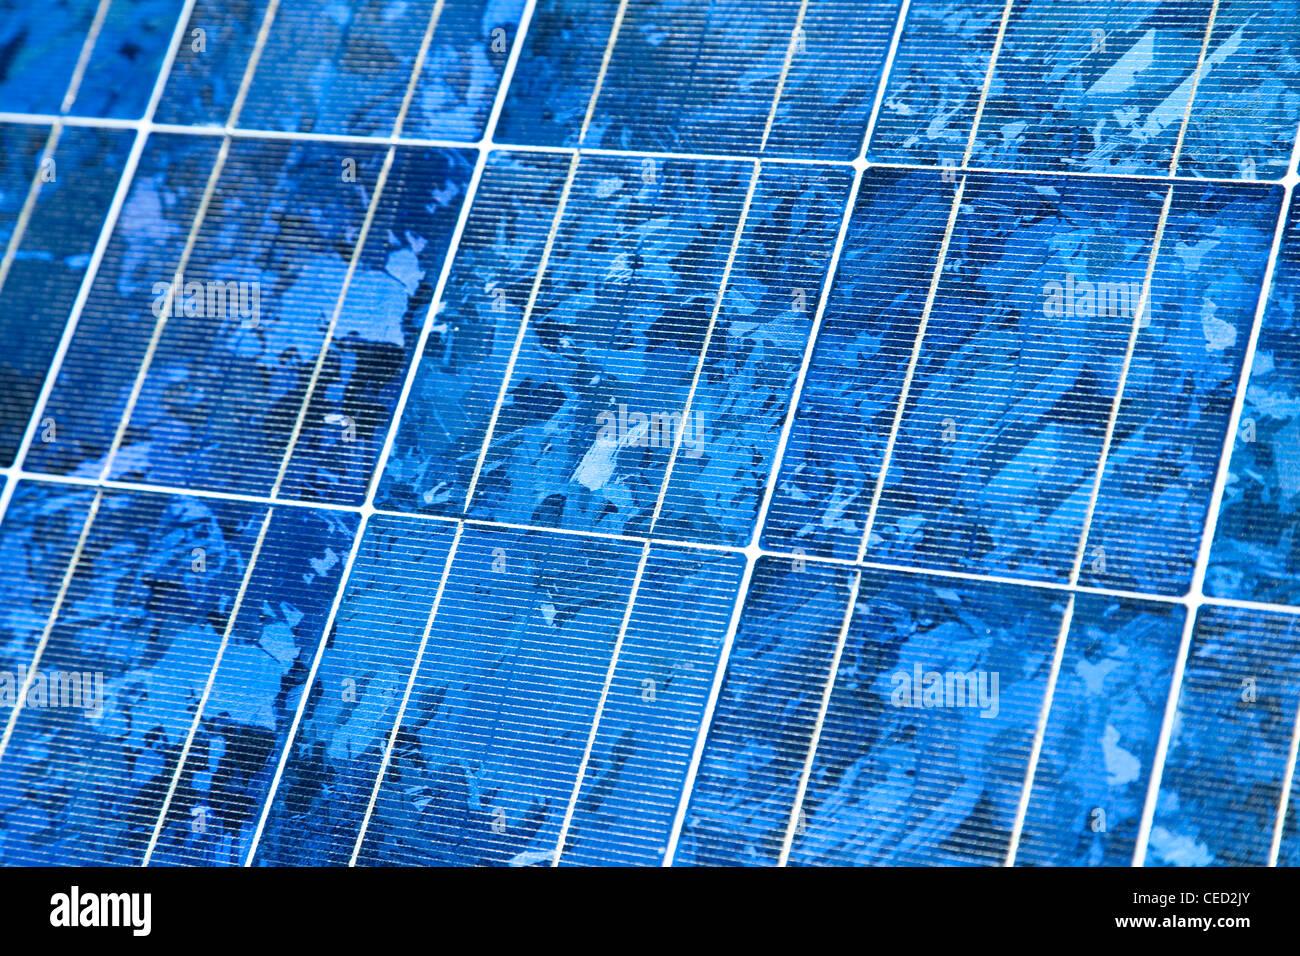 solar panel, close-up - Photovoltaik Modul, Nahaufnahme - Stock Image